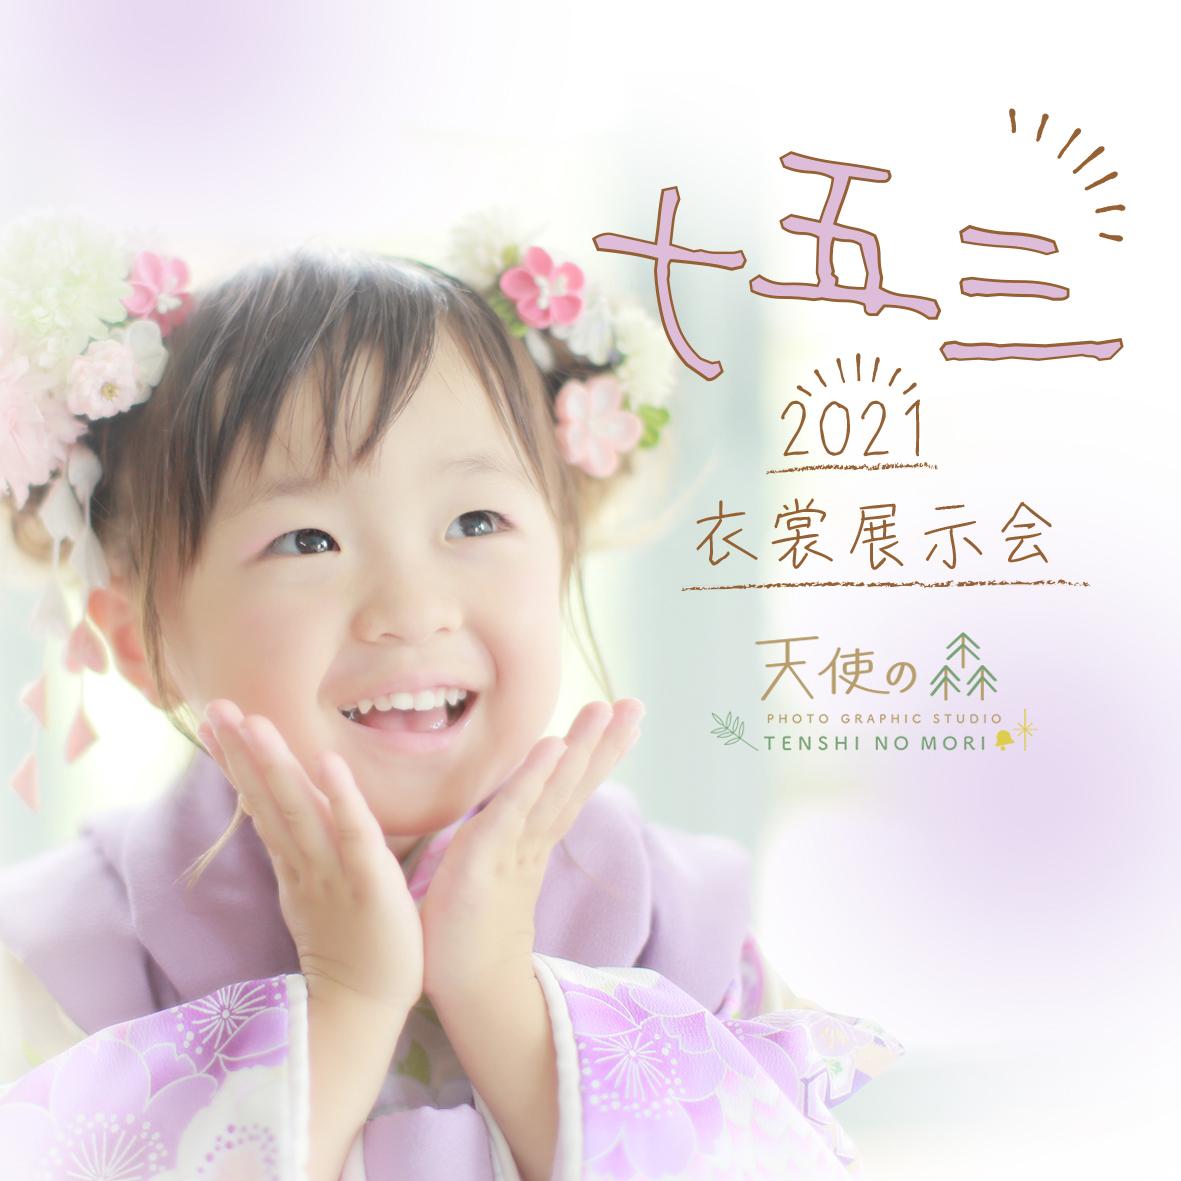 写真館 栃木県 天使の森 七五三